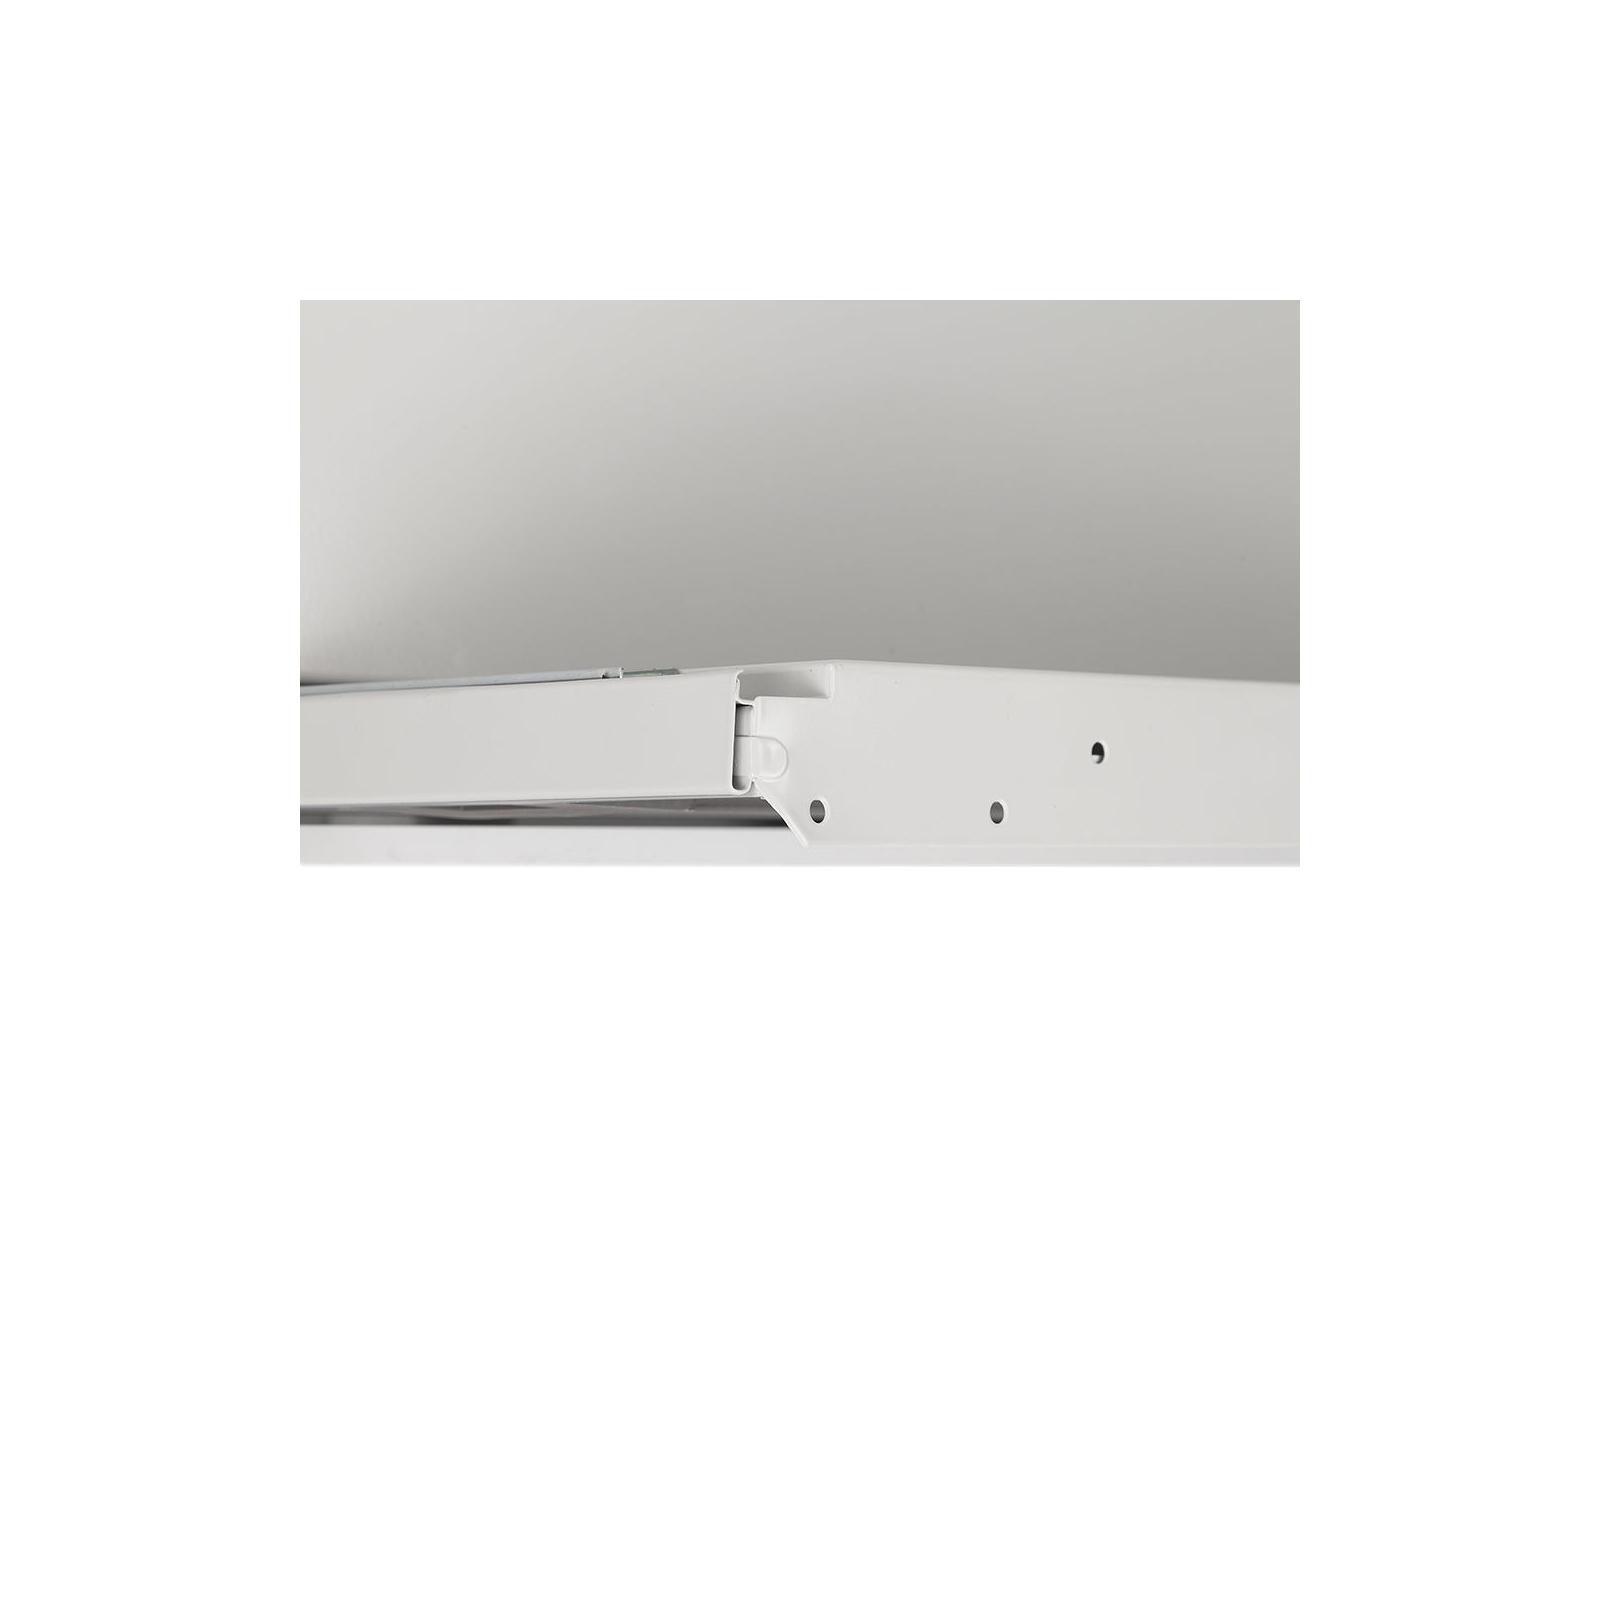 Вытяжка кухонная PYRAMIDA R-TL 50 GR изображение 8